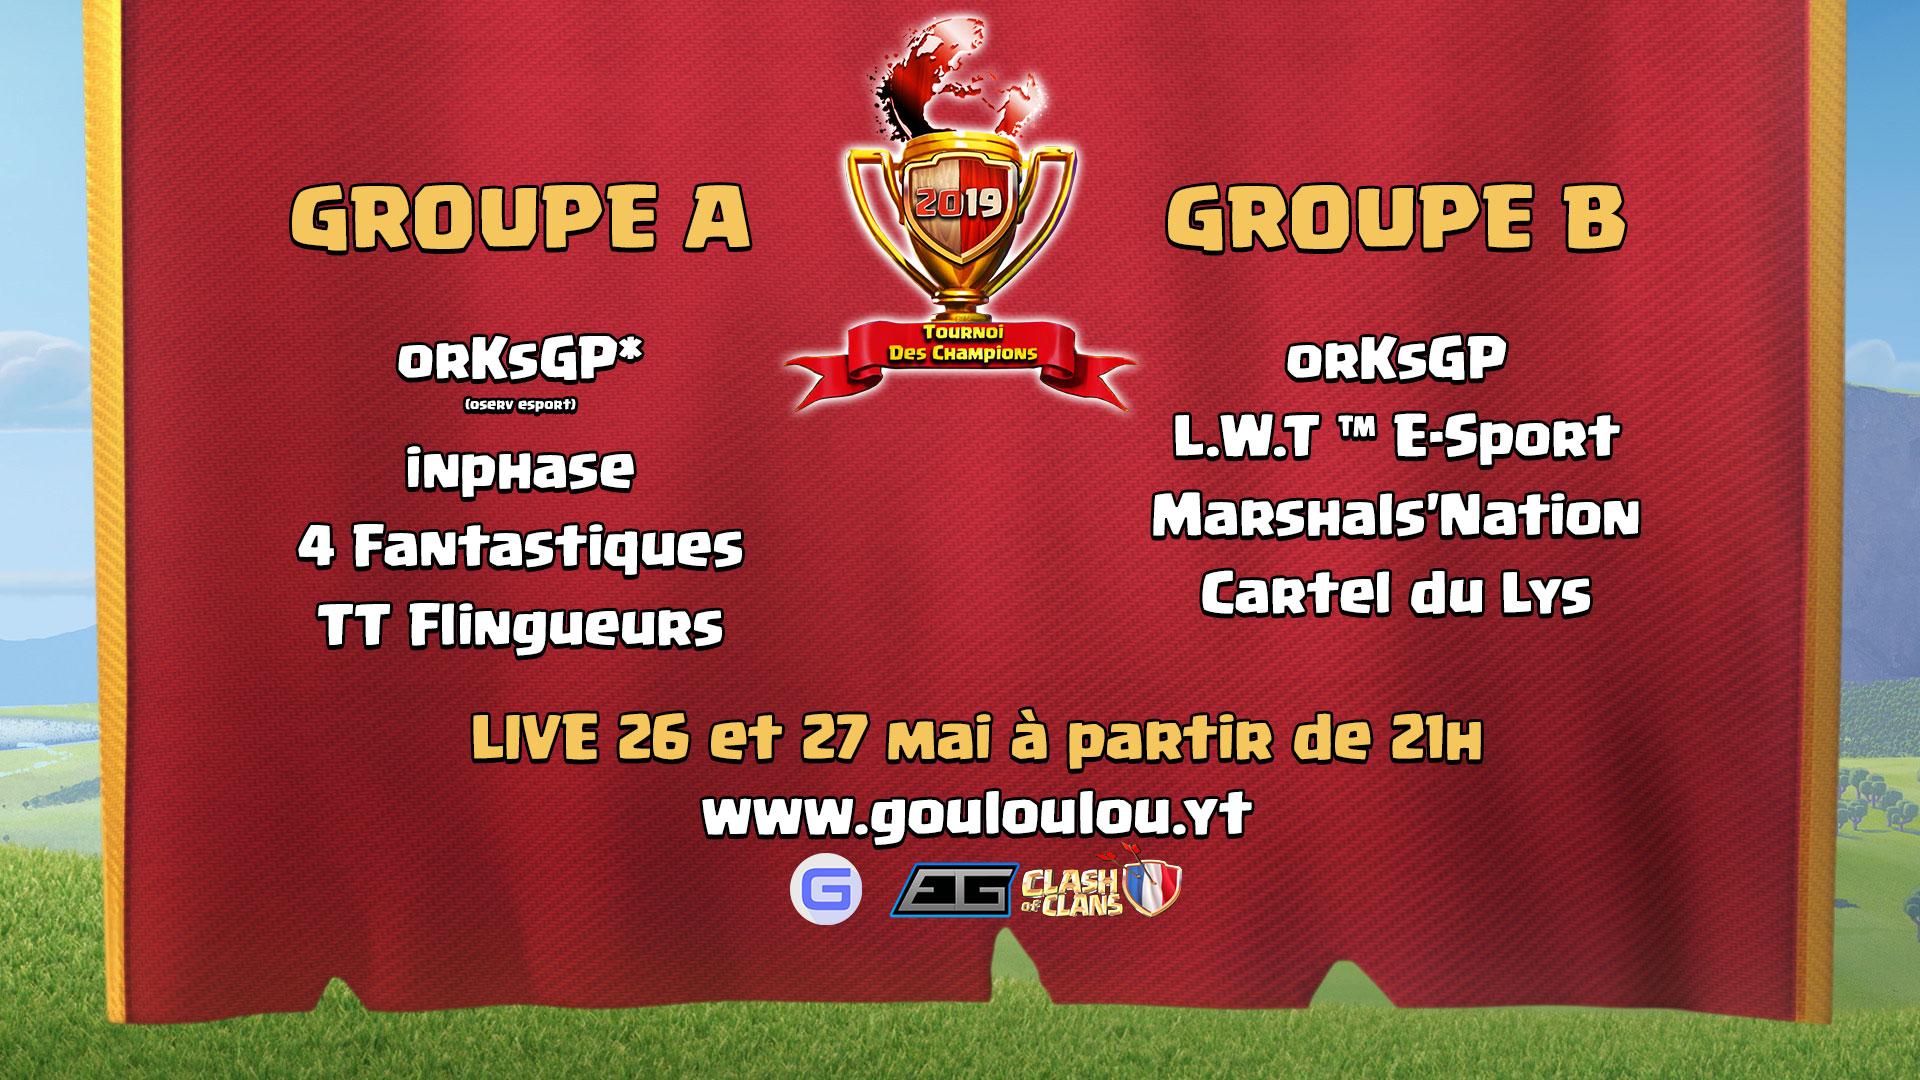 Liste-Clans-Groupes-A-et-B.jpg